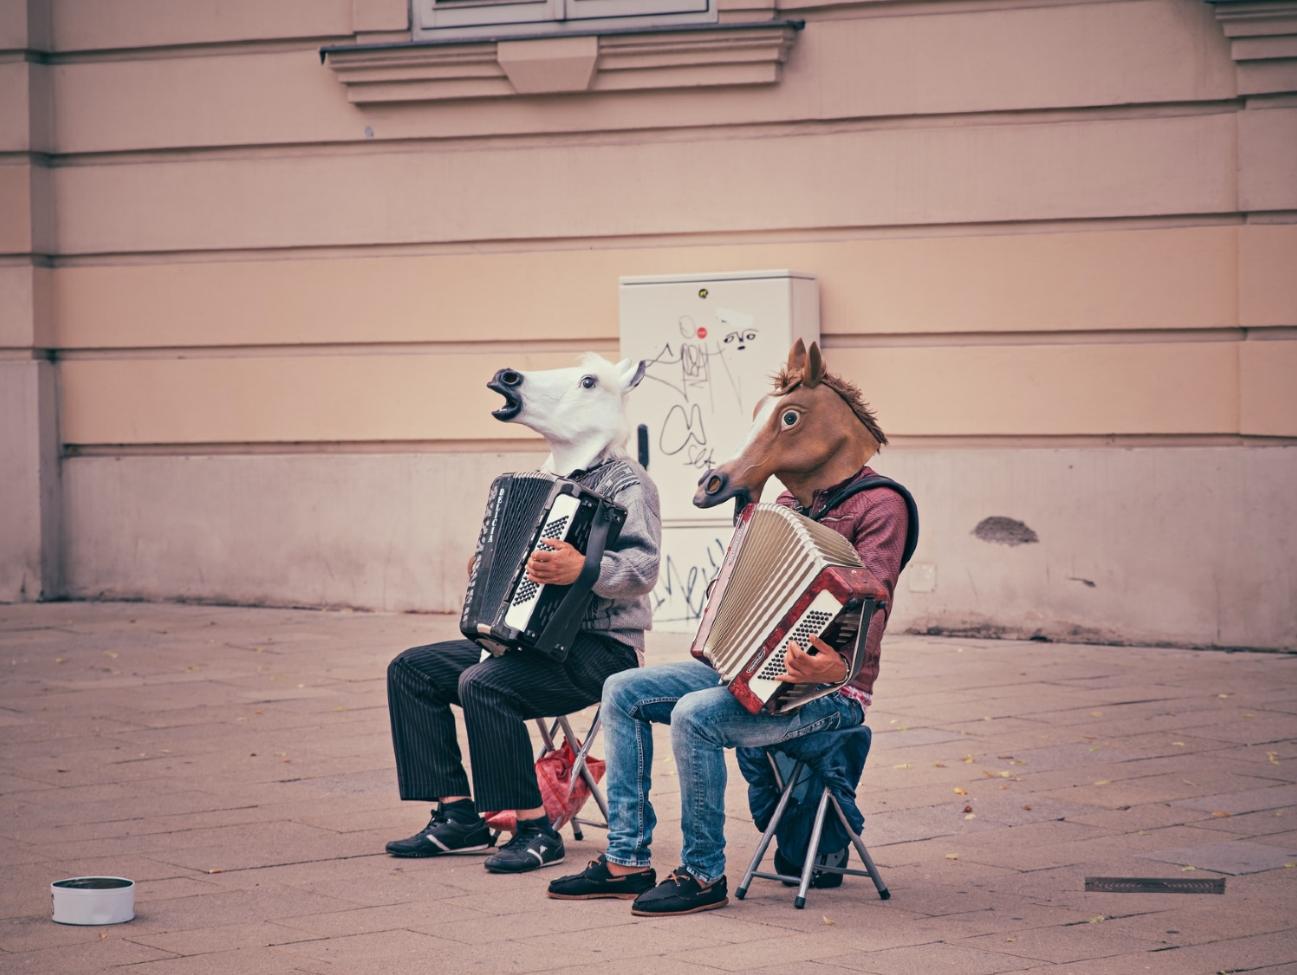 Zwei Akkordeospieler auf der Straße mit Pferdekopfmaske.